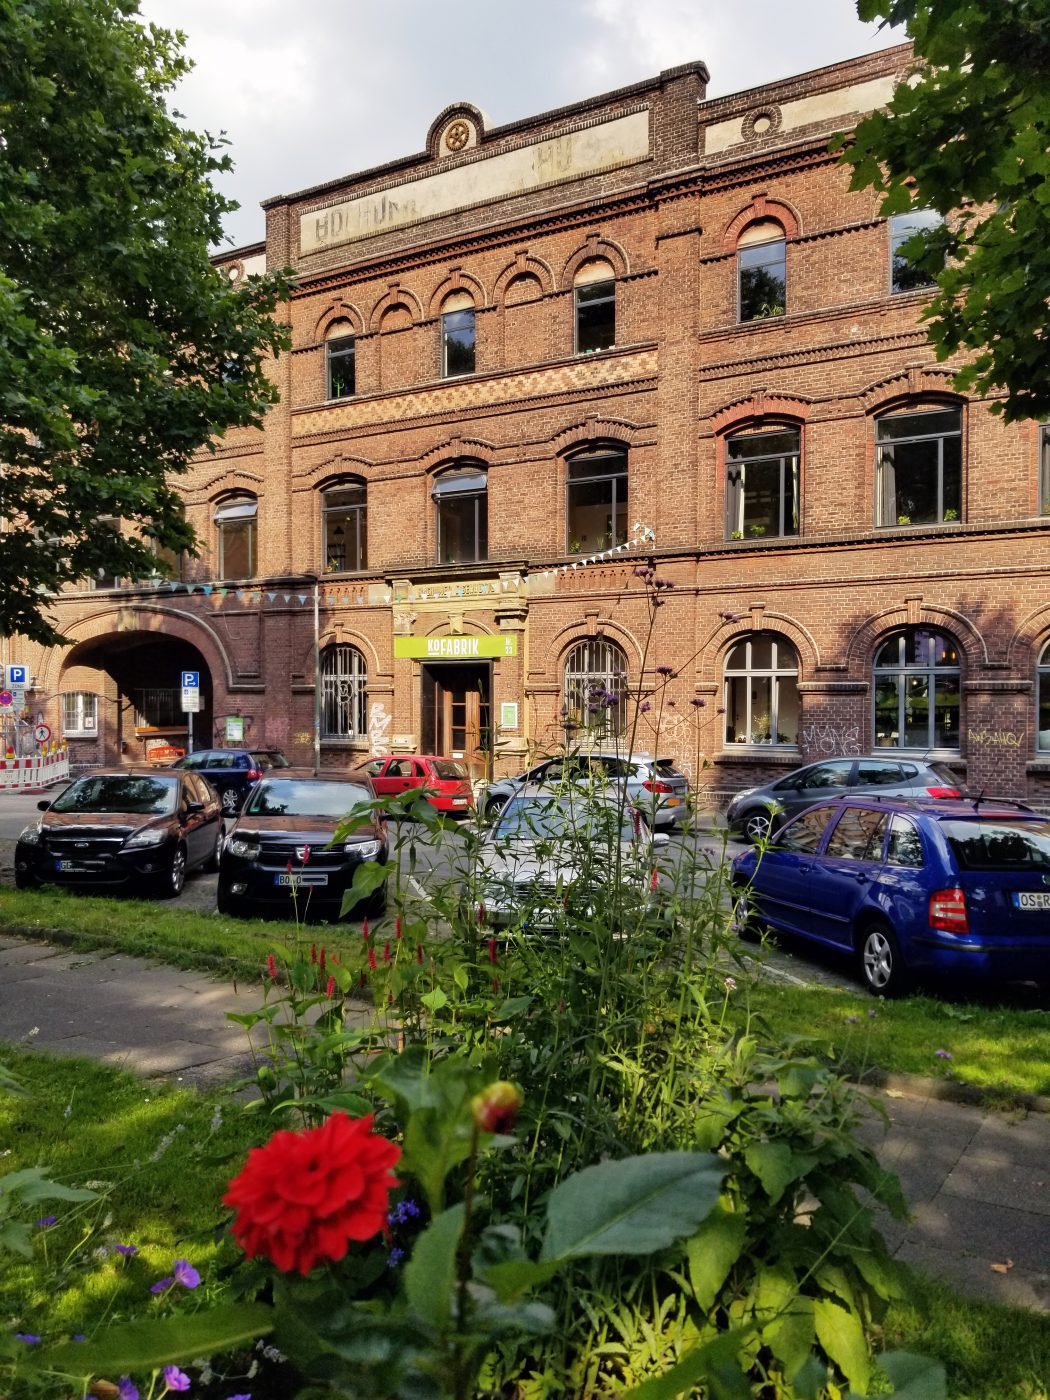 Das Foto zeigt die KoFabrik am Imbuschplatz in Bochum, in der sich u.a. das STÜH33 befindet